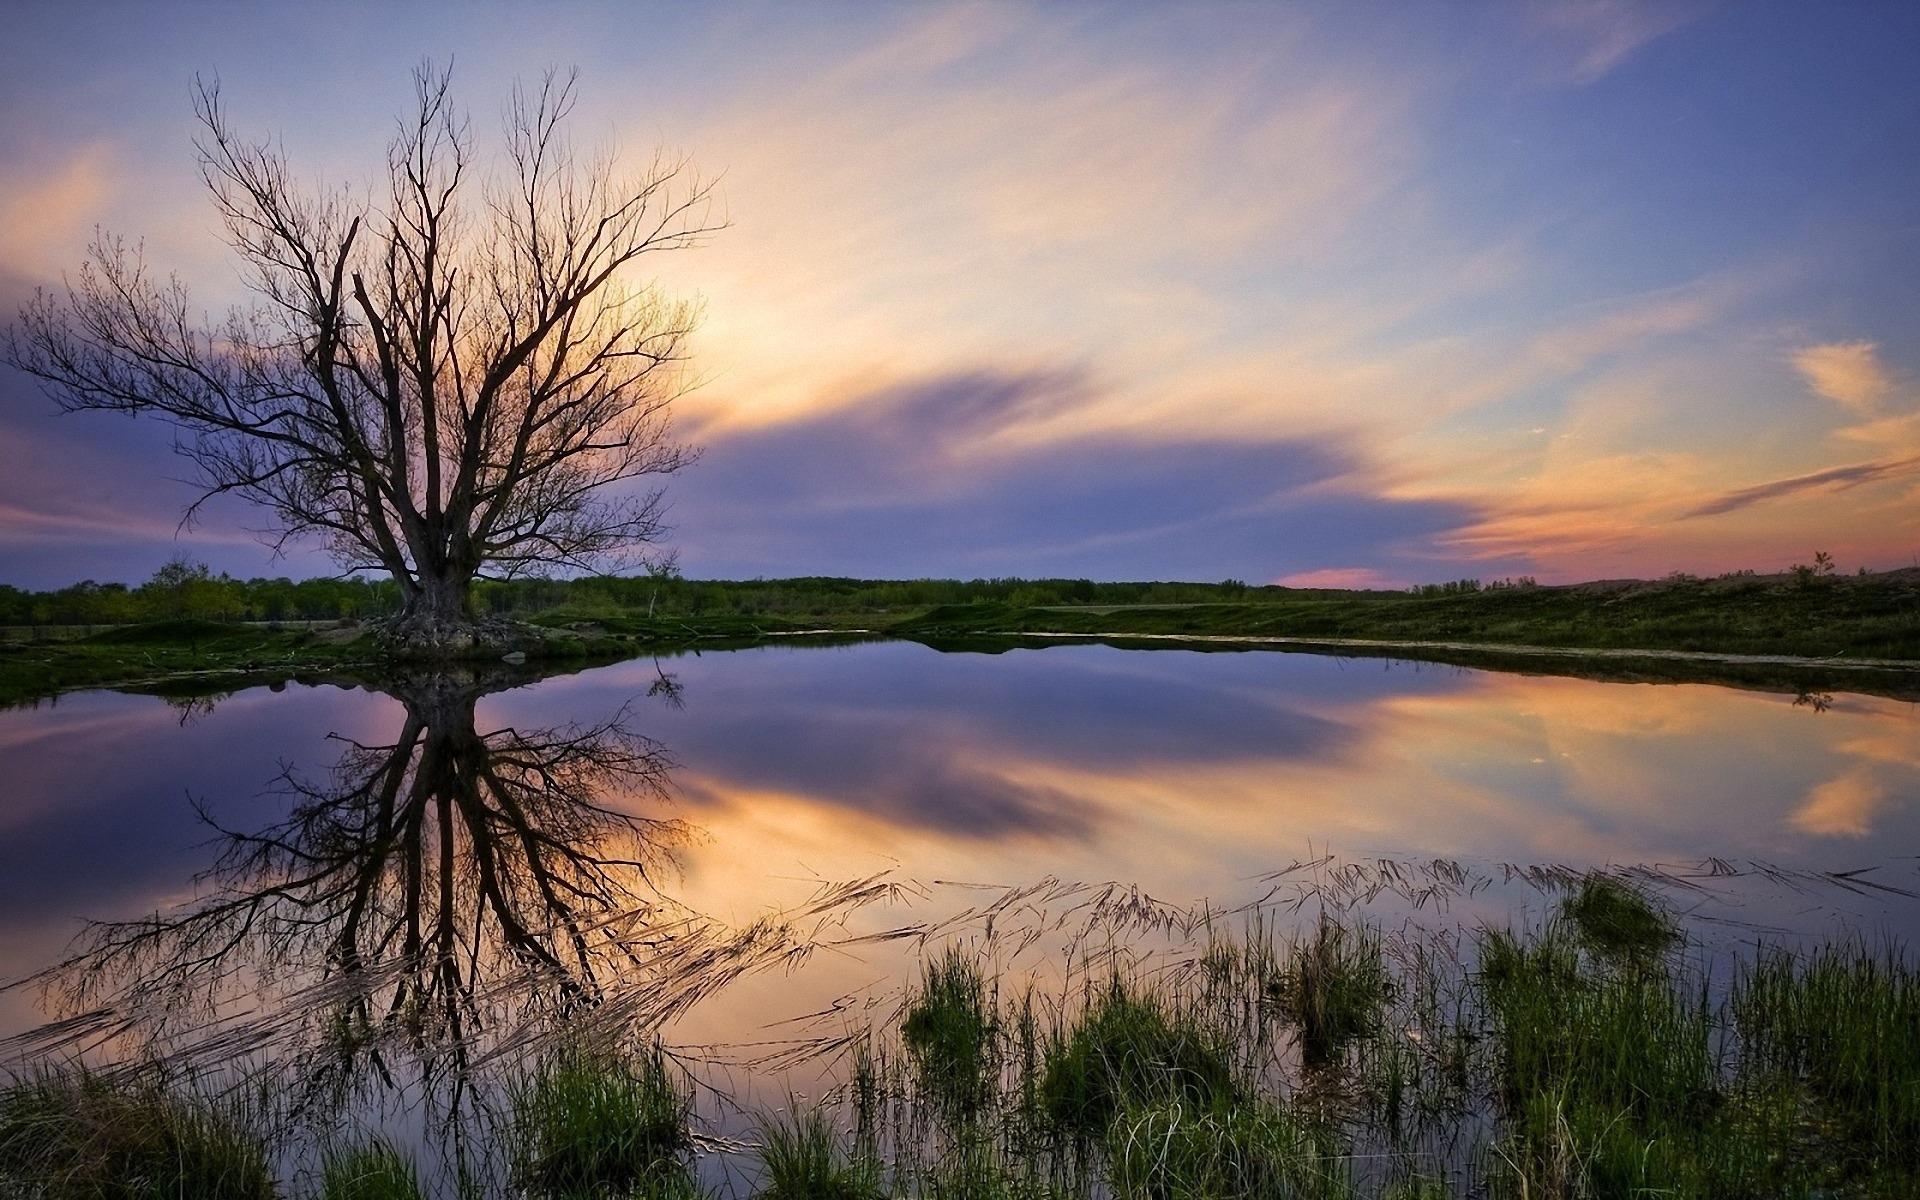 закат озеро осень трава  № 1020771 бесплатно